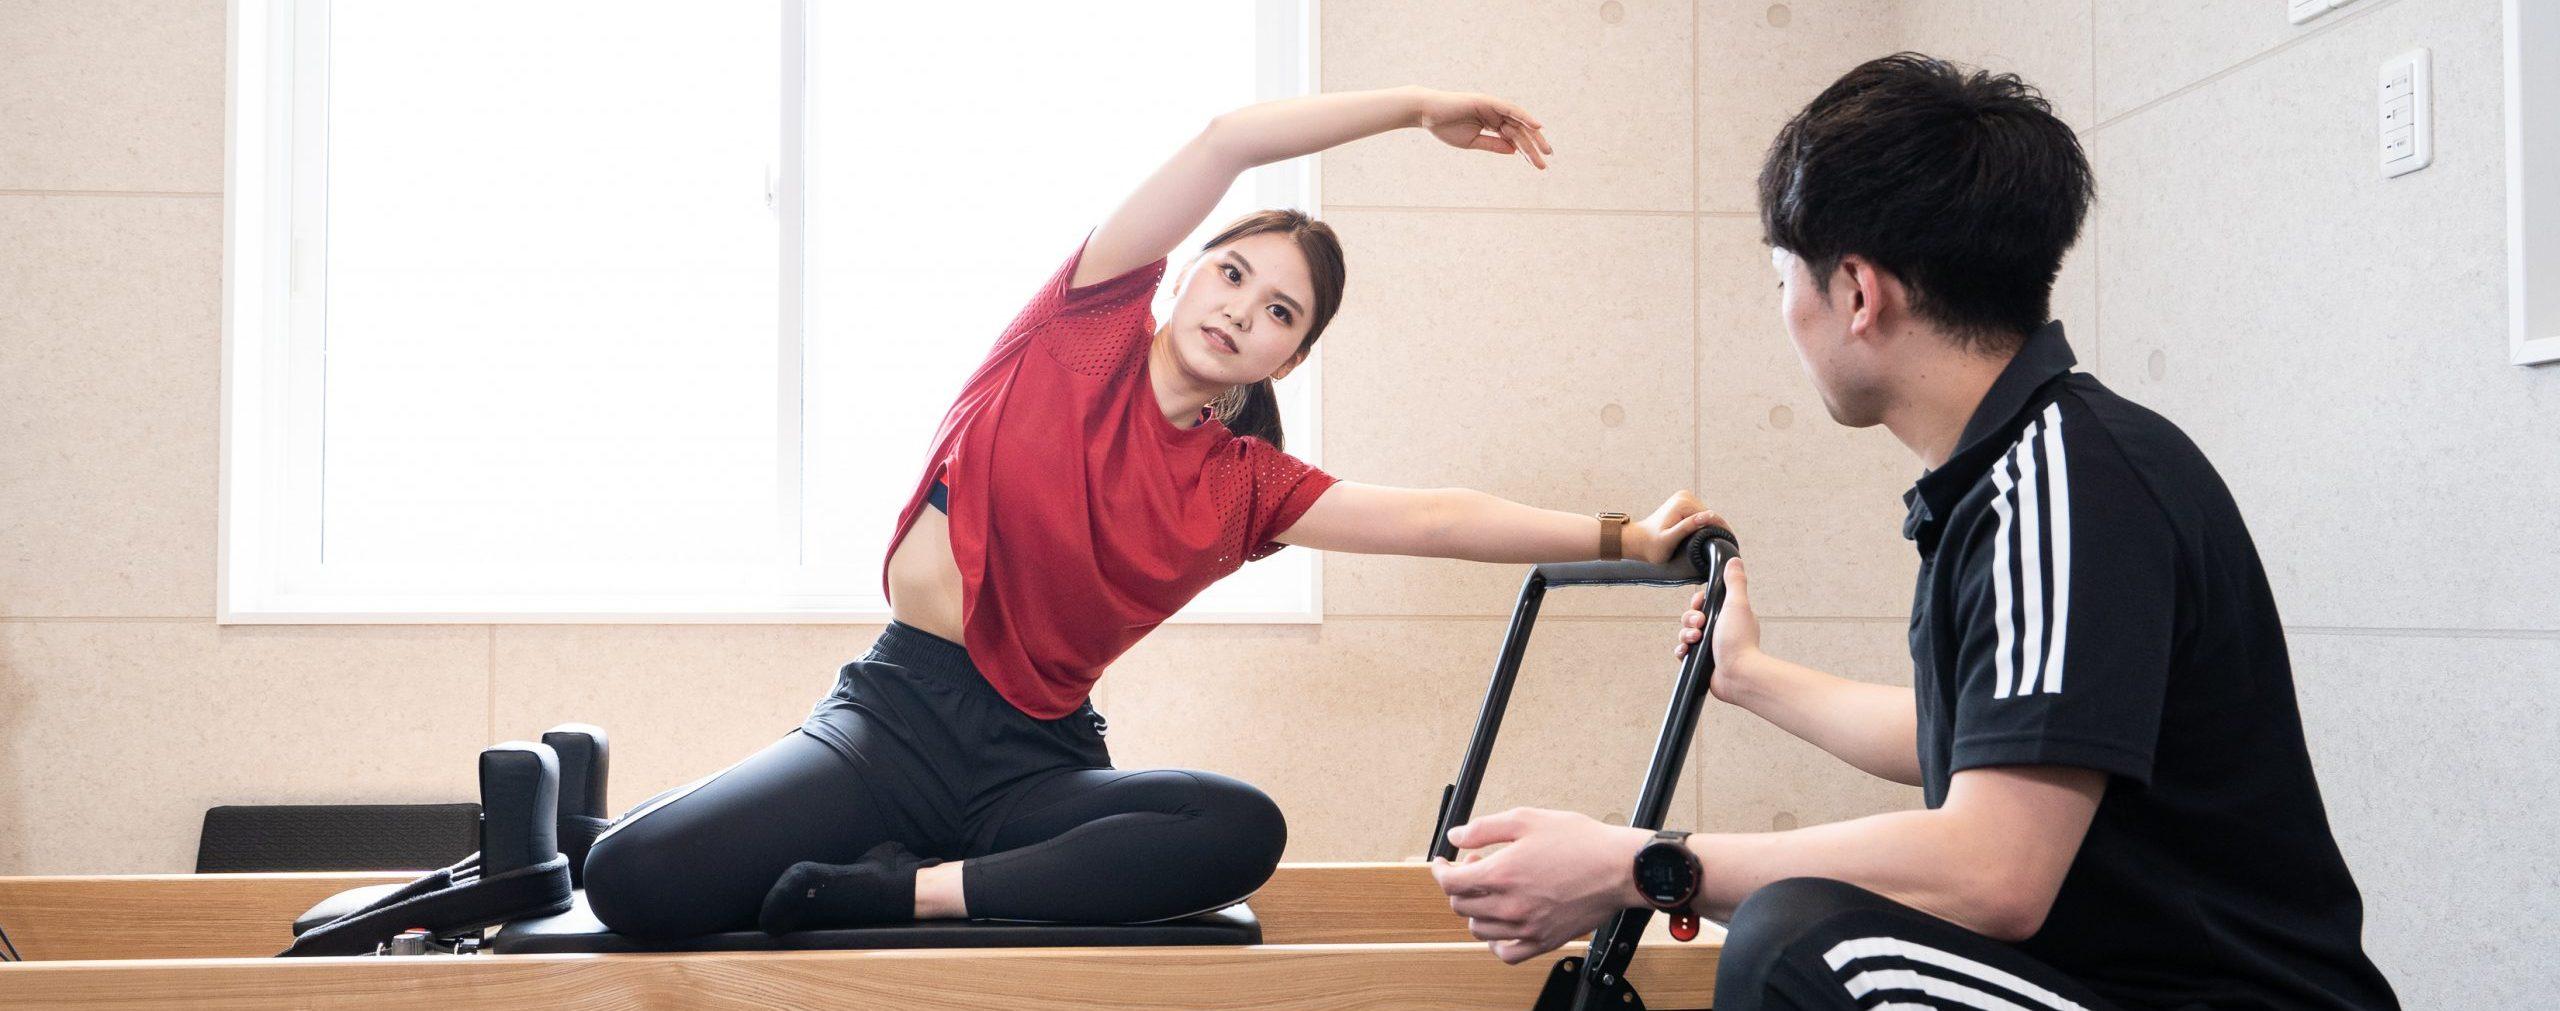 ピラティス会員|福島市のパーソナルトレーニングはD'mov Training Center